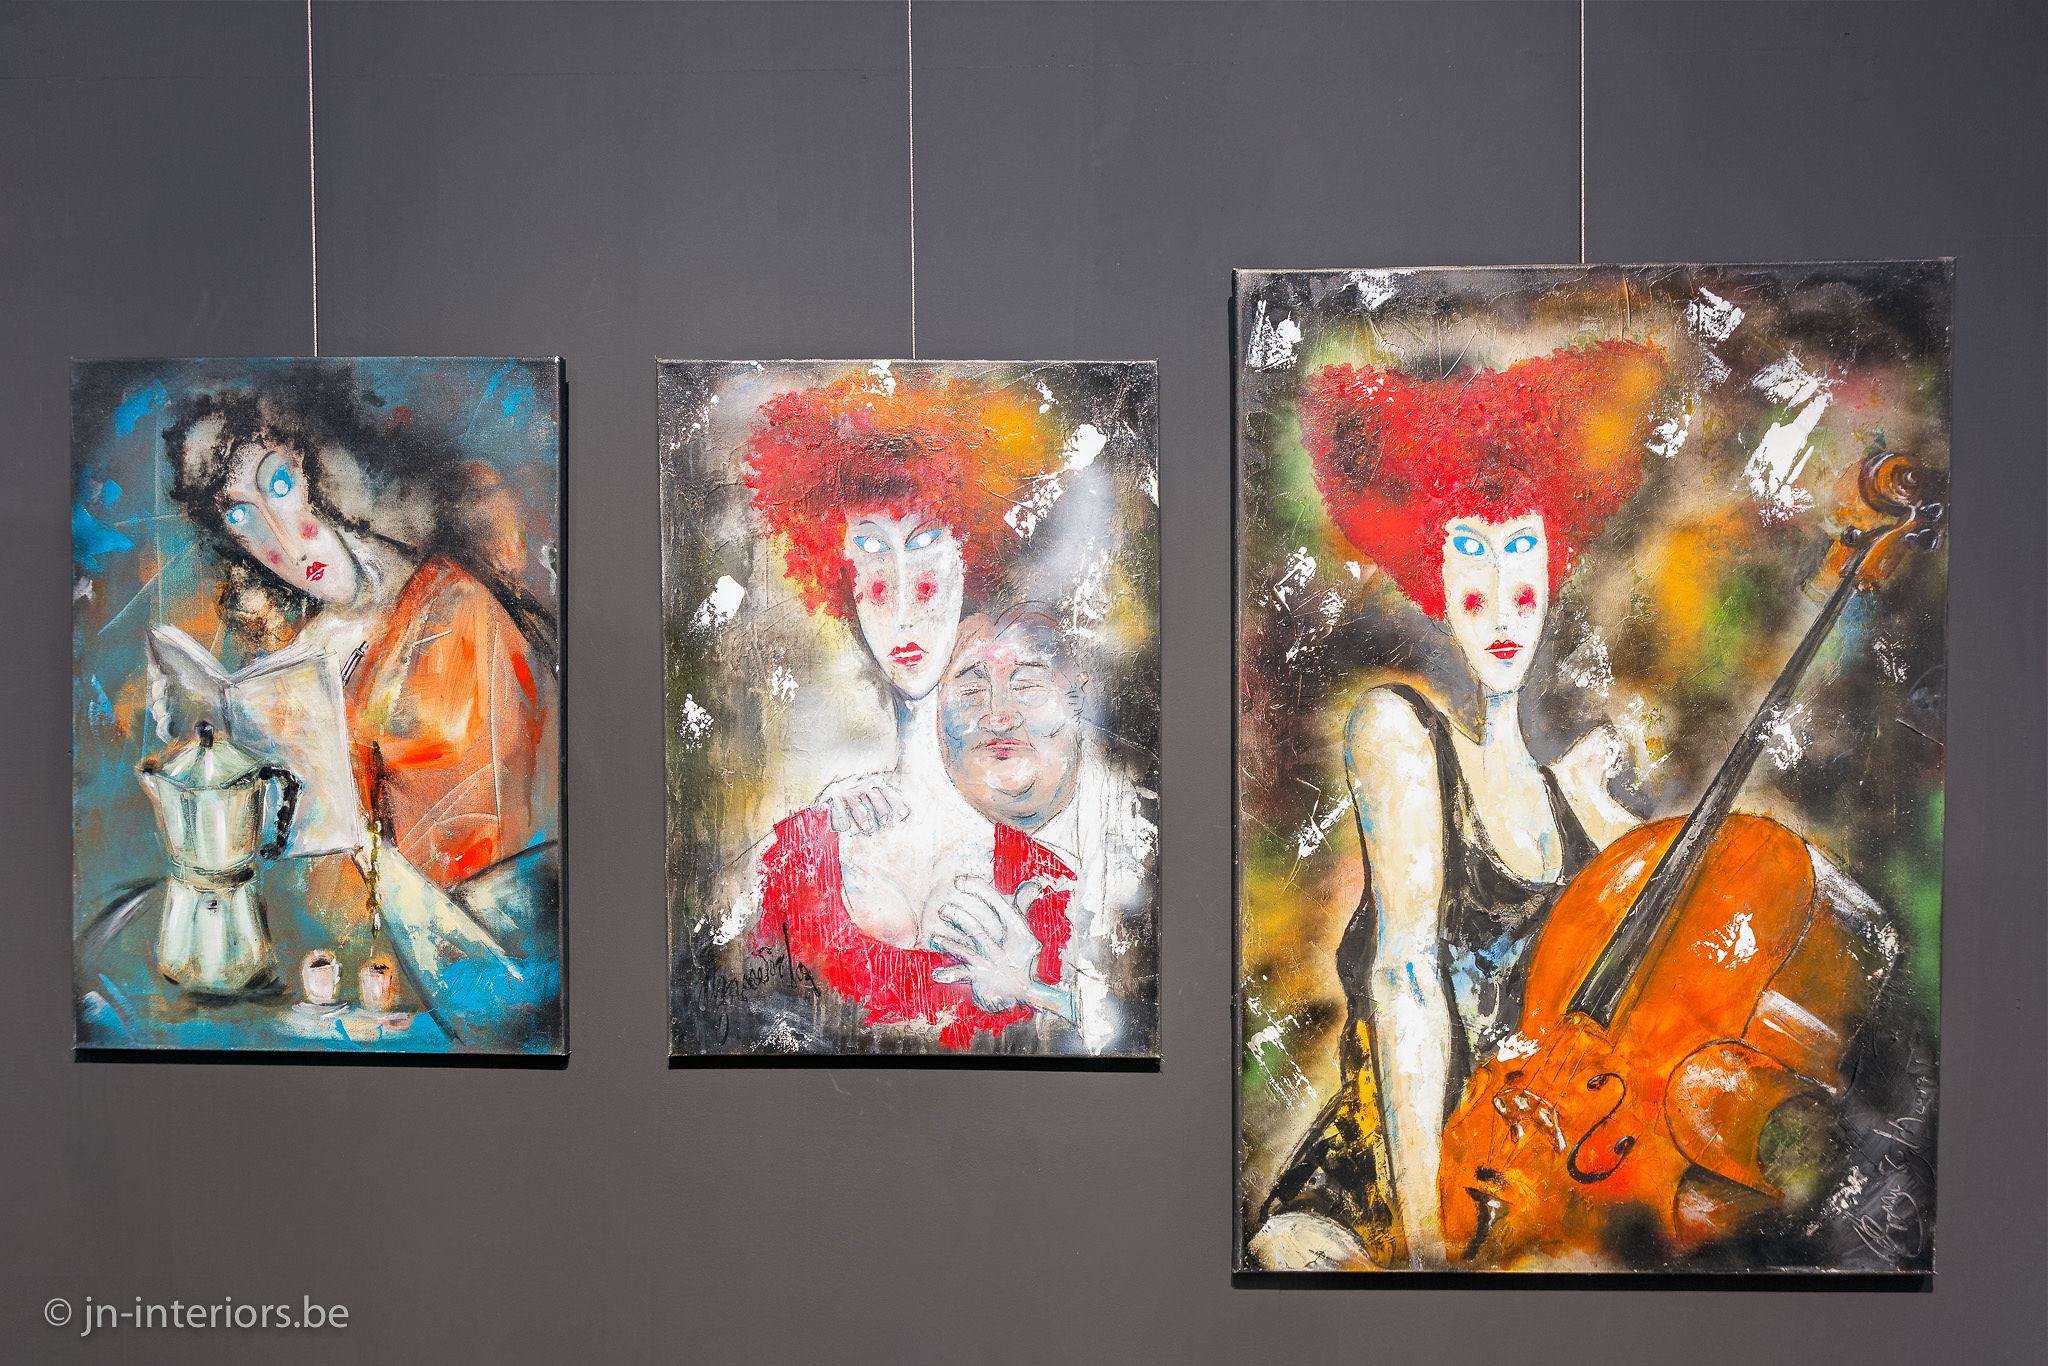 peintures, oeuvre d'art, artiste belge, femme peinture, magasin de décoration belgique, galerie d'art, jn interiors, jour et nuit liège verviers